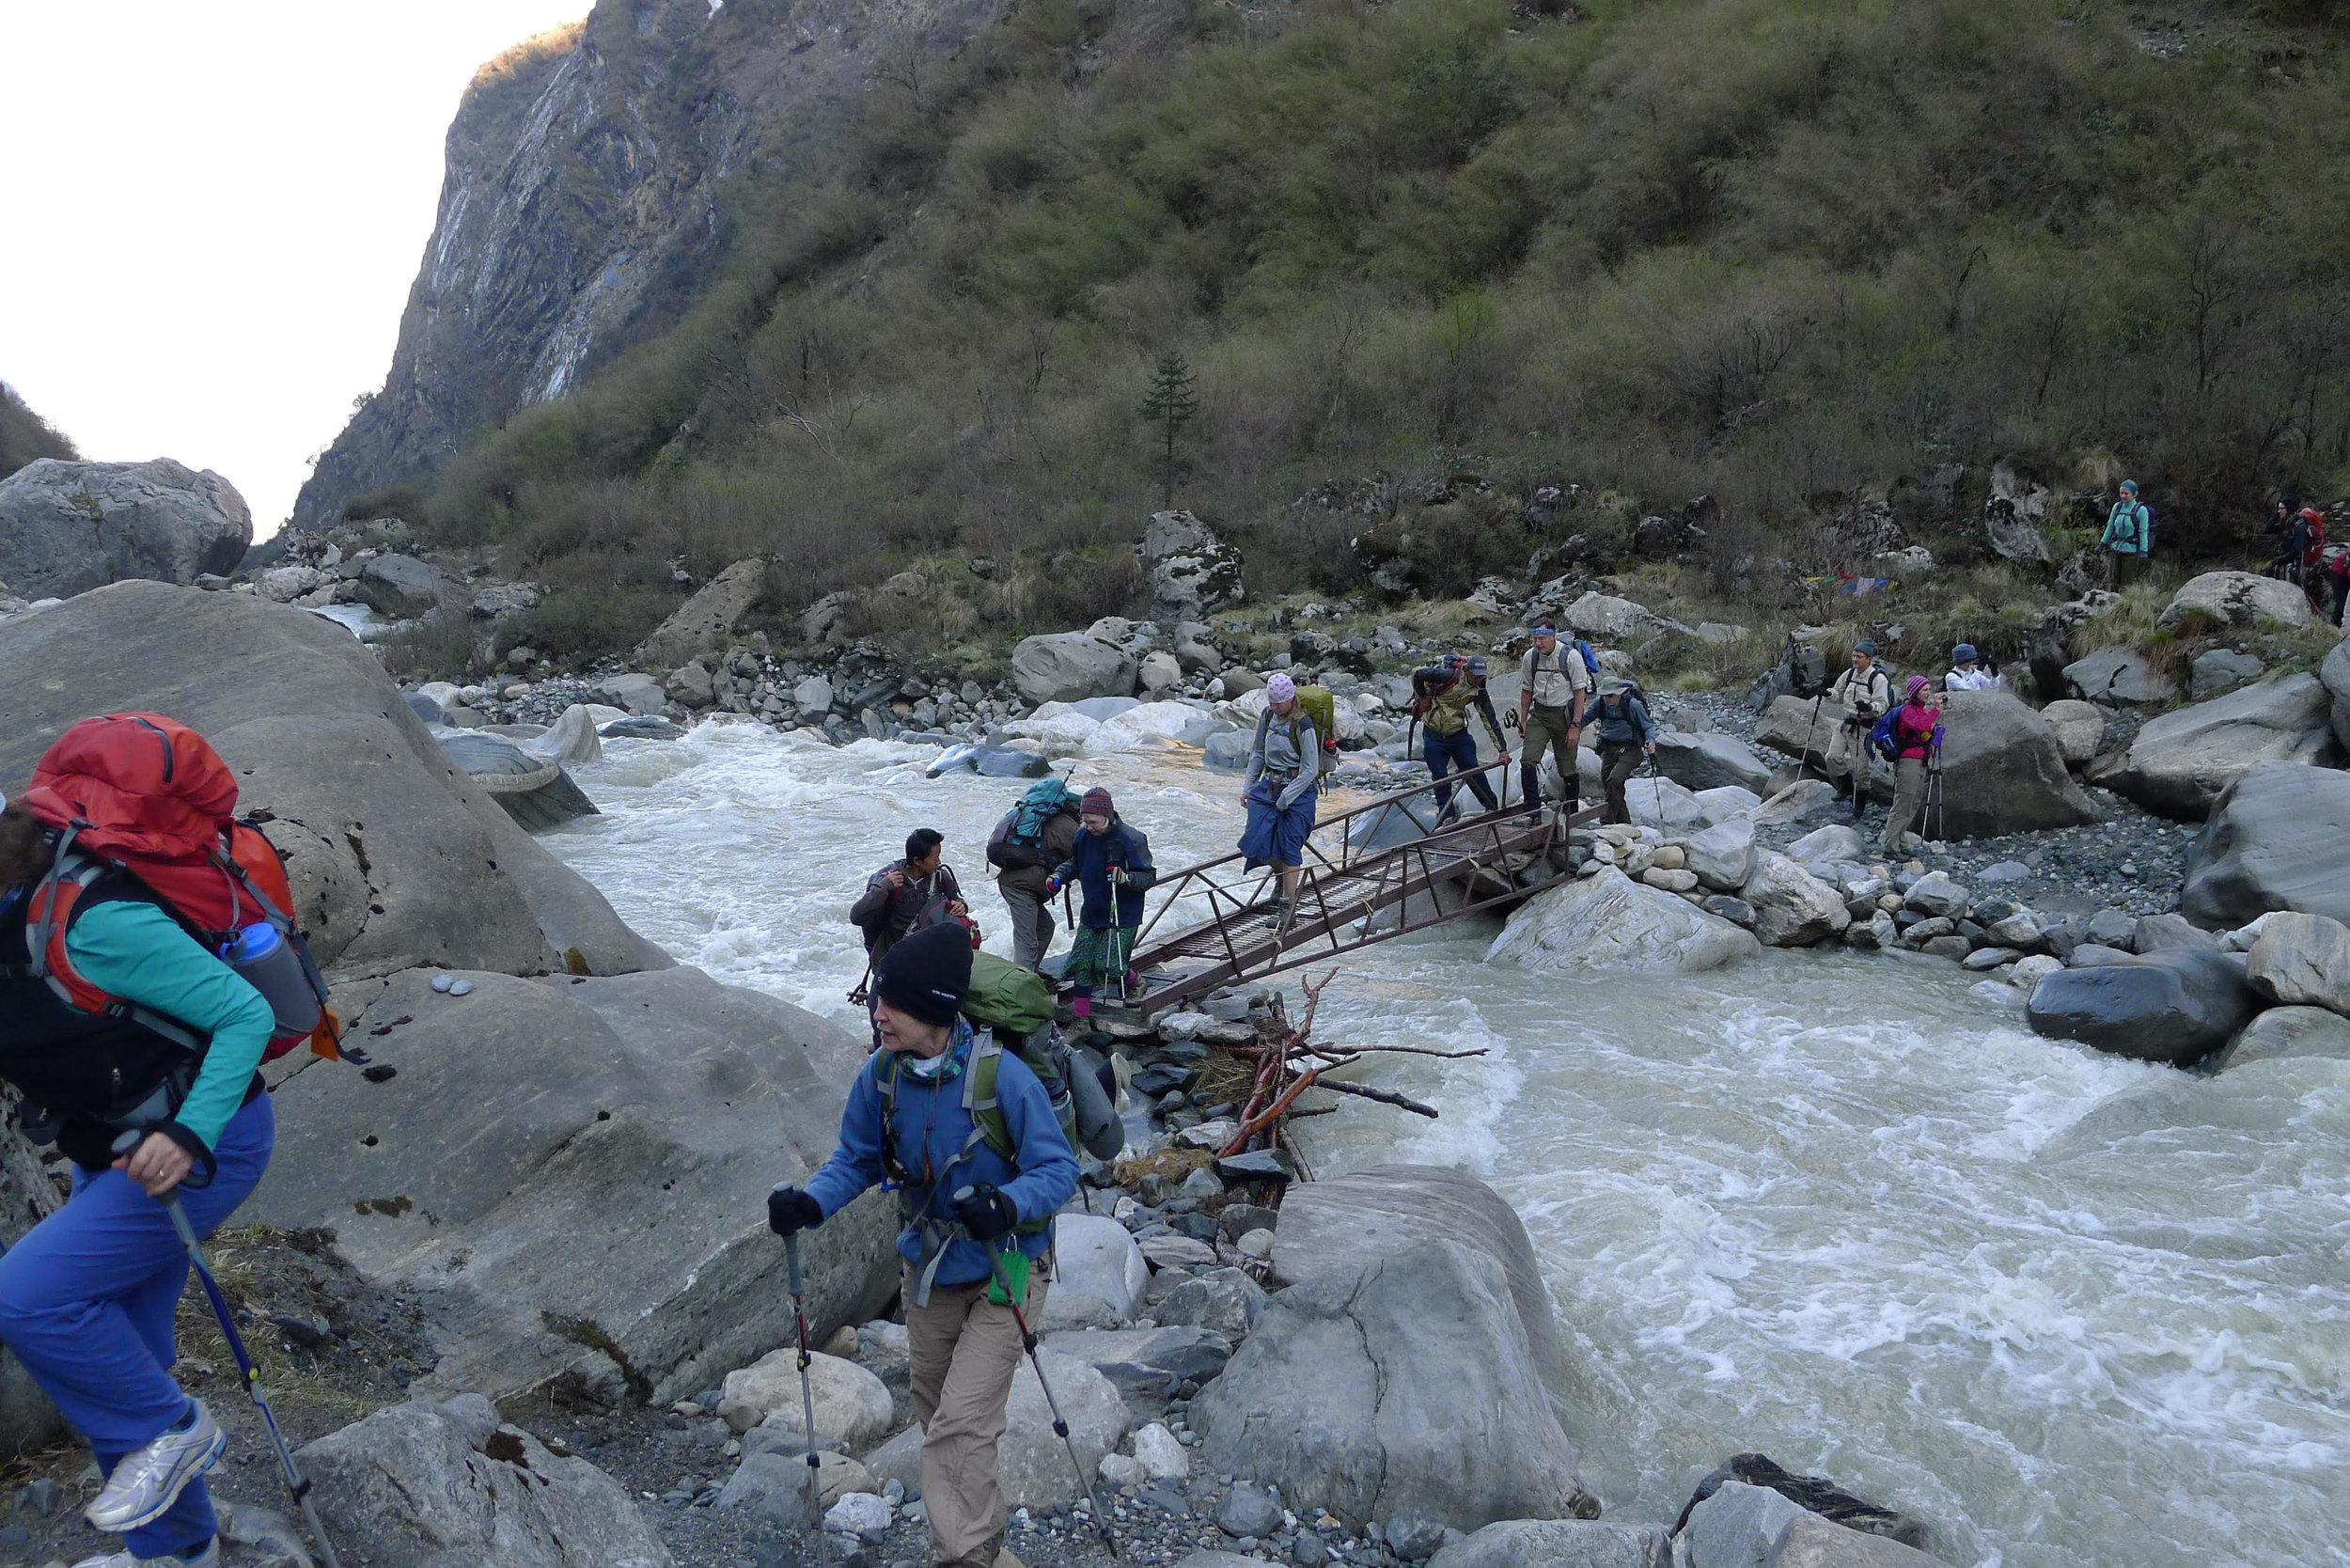 Crossing An Iffy Bridge in Nepal